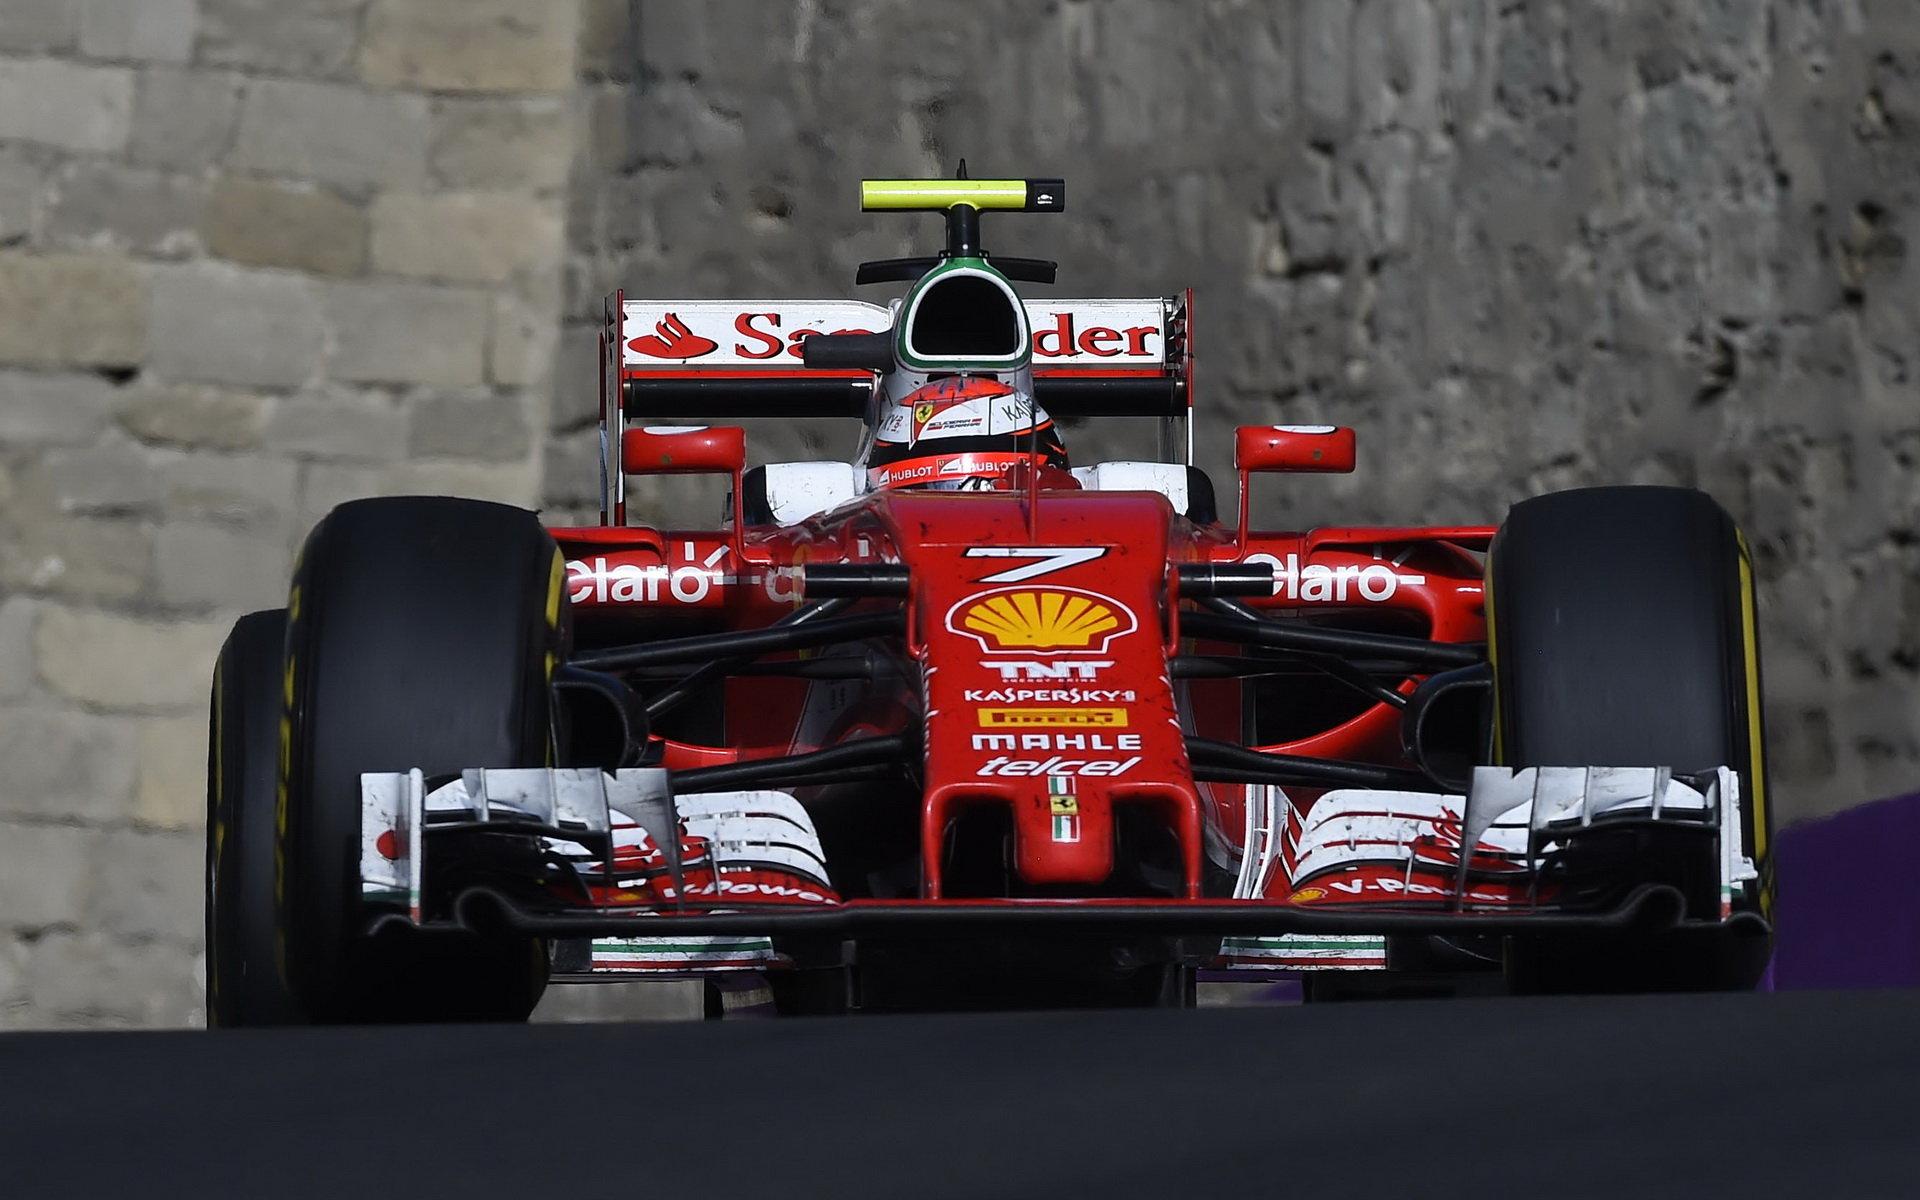 Ferrari podle Briatoreho potřebuje otevřít technologické centrum v Anglii